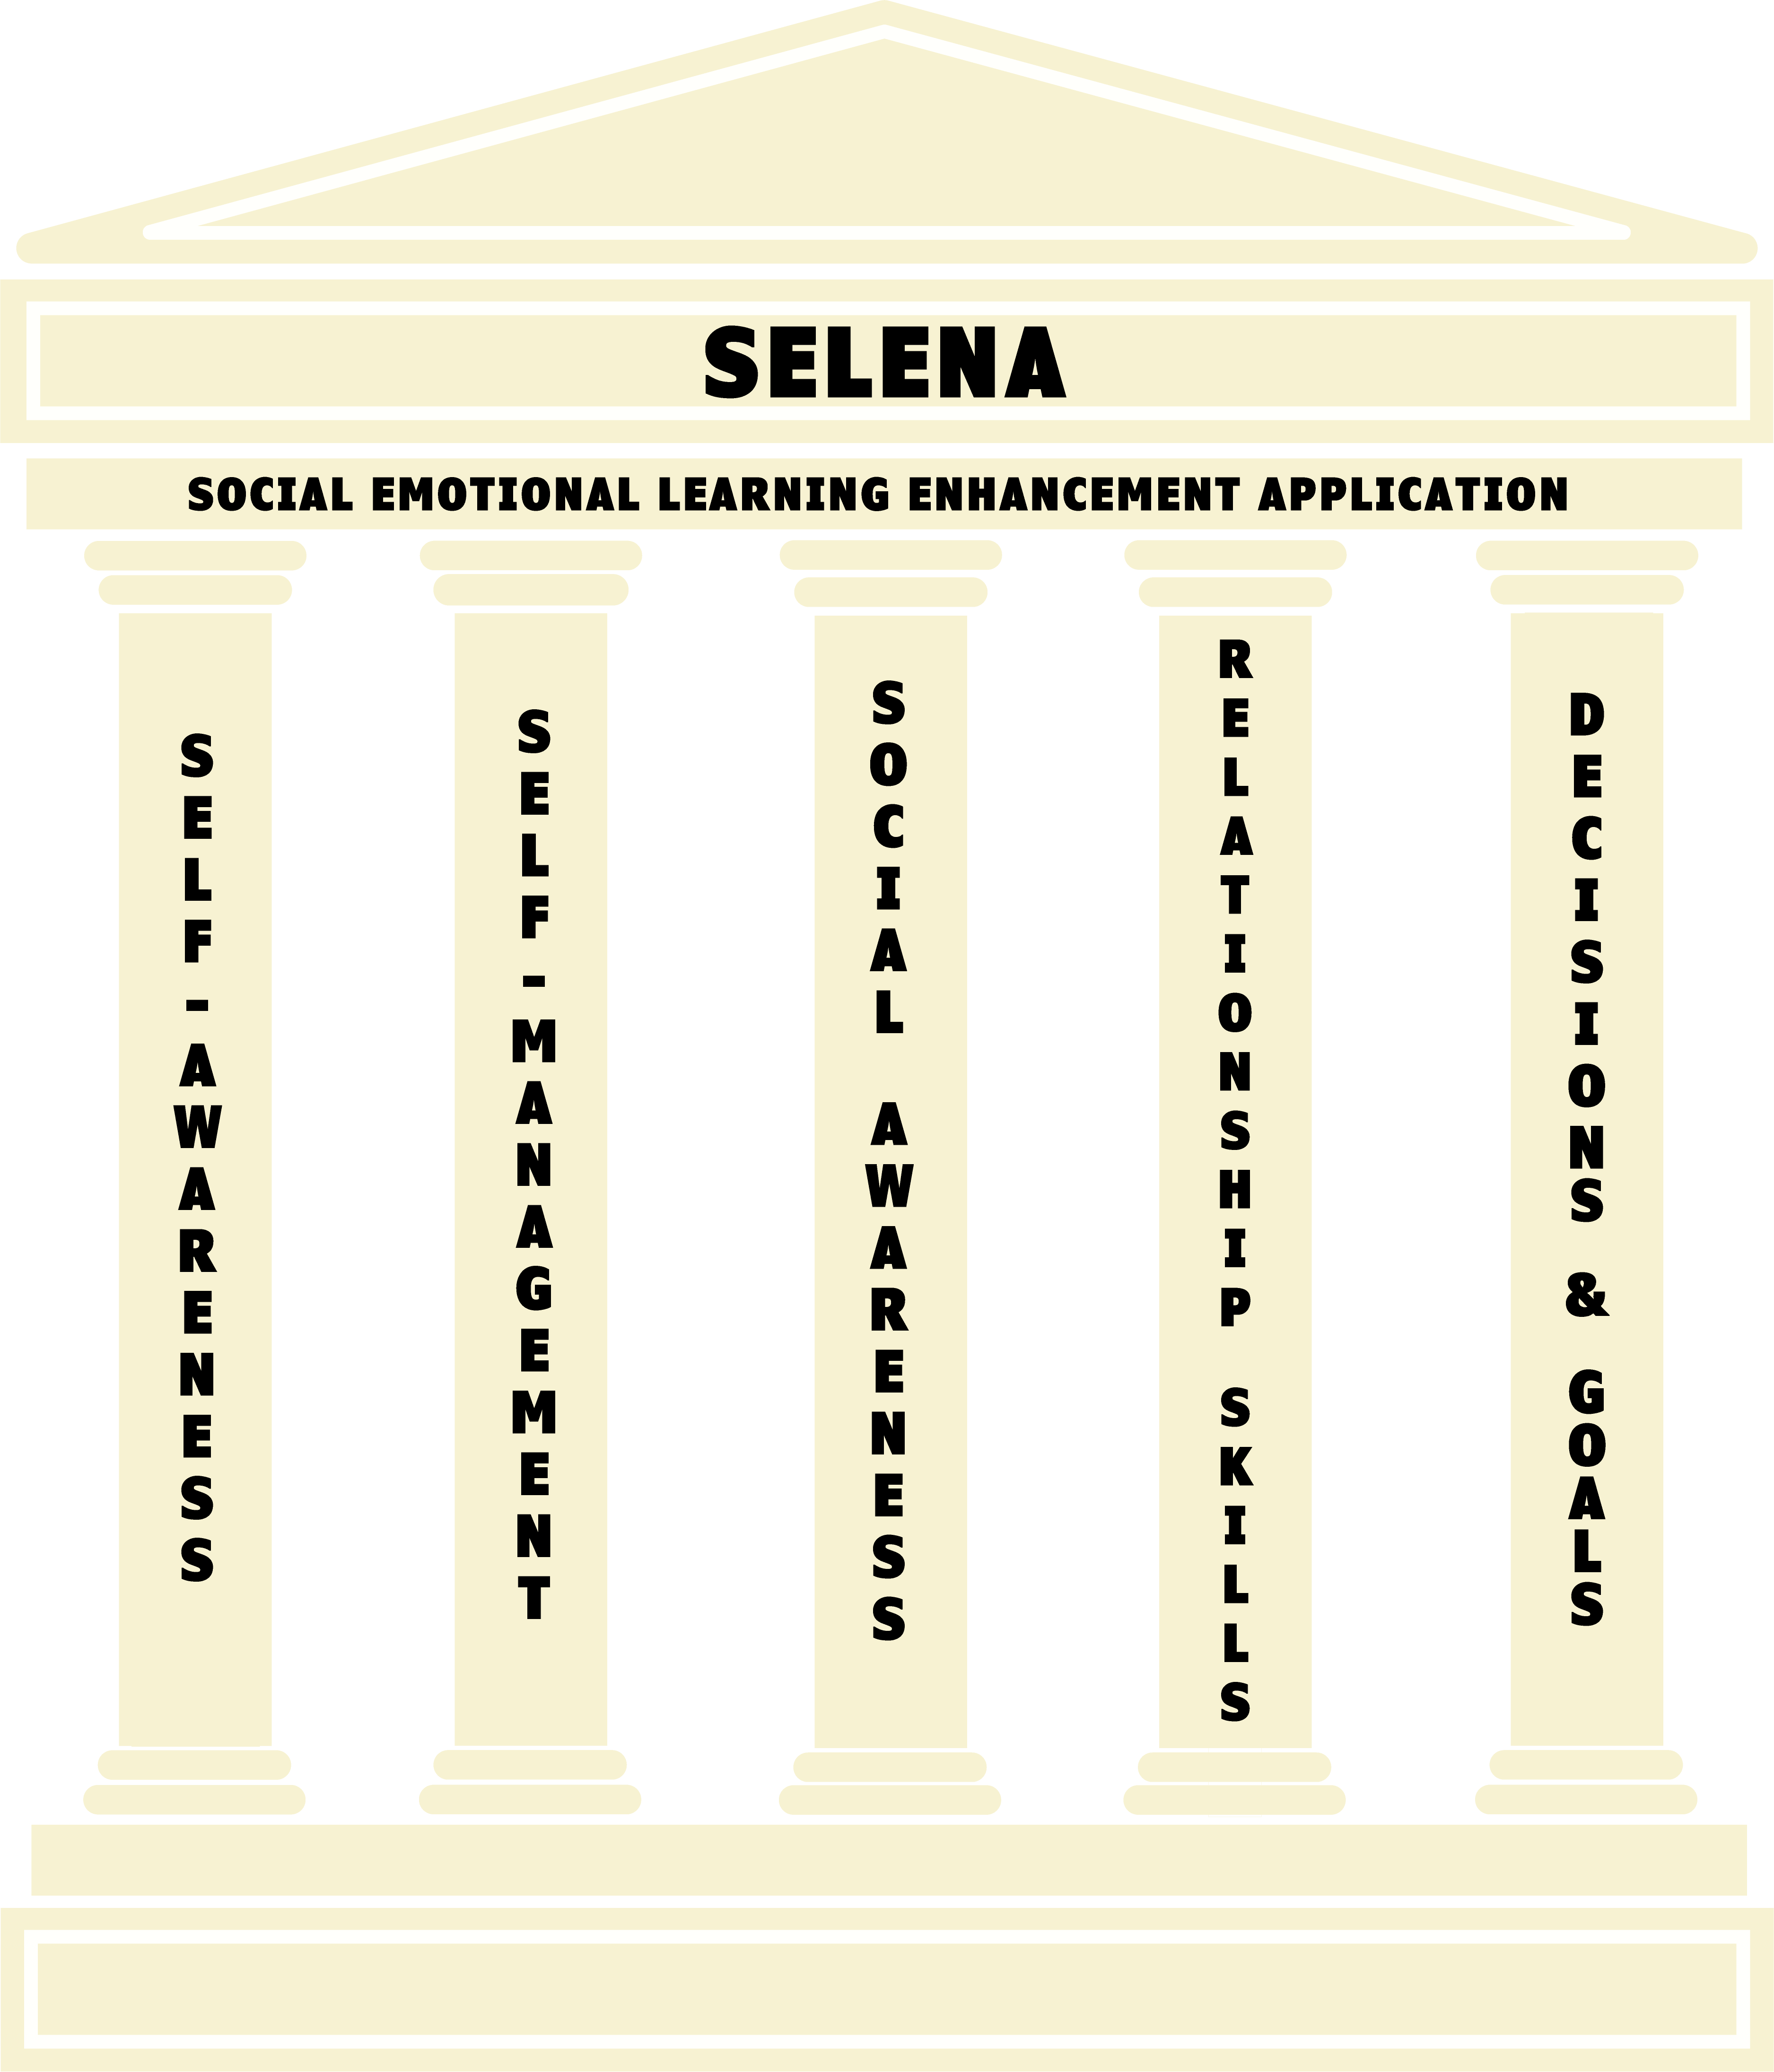 SELENA Pillars